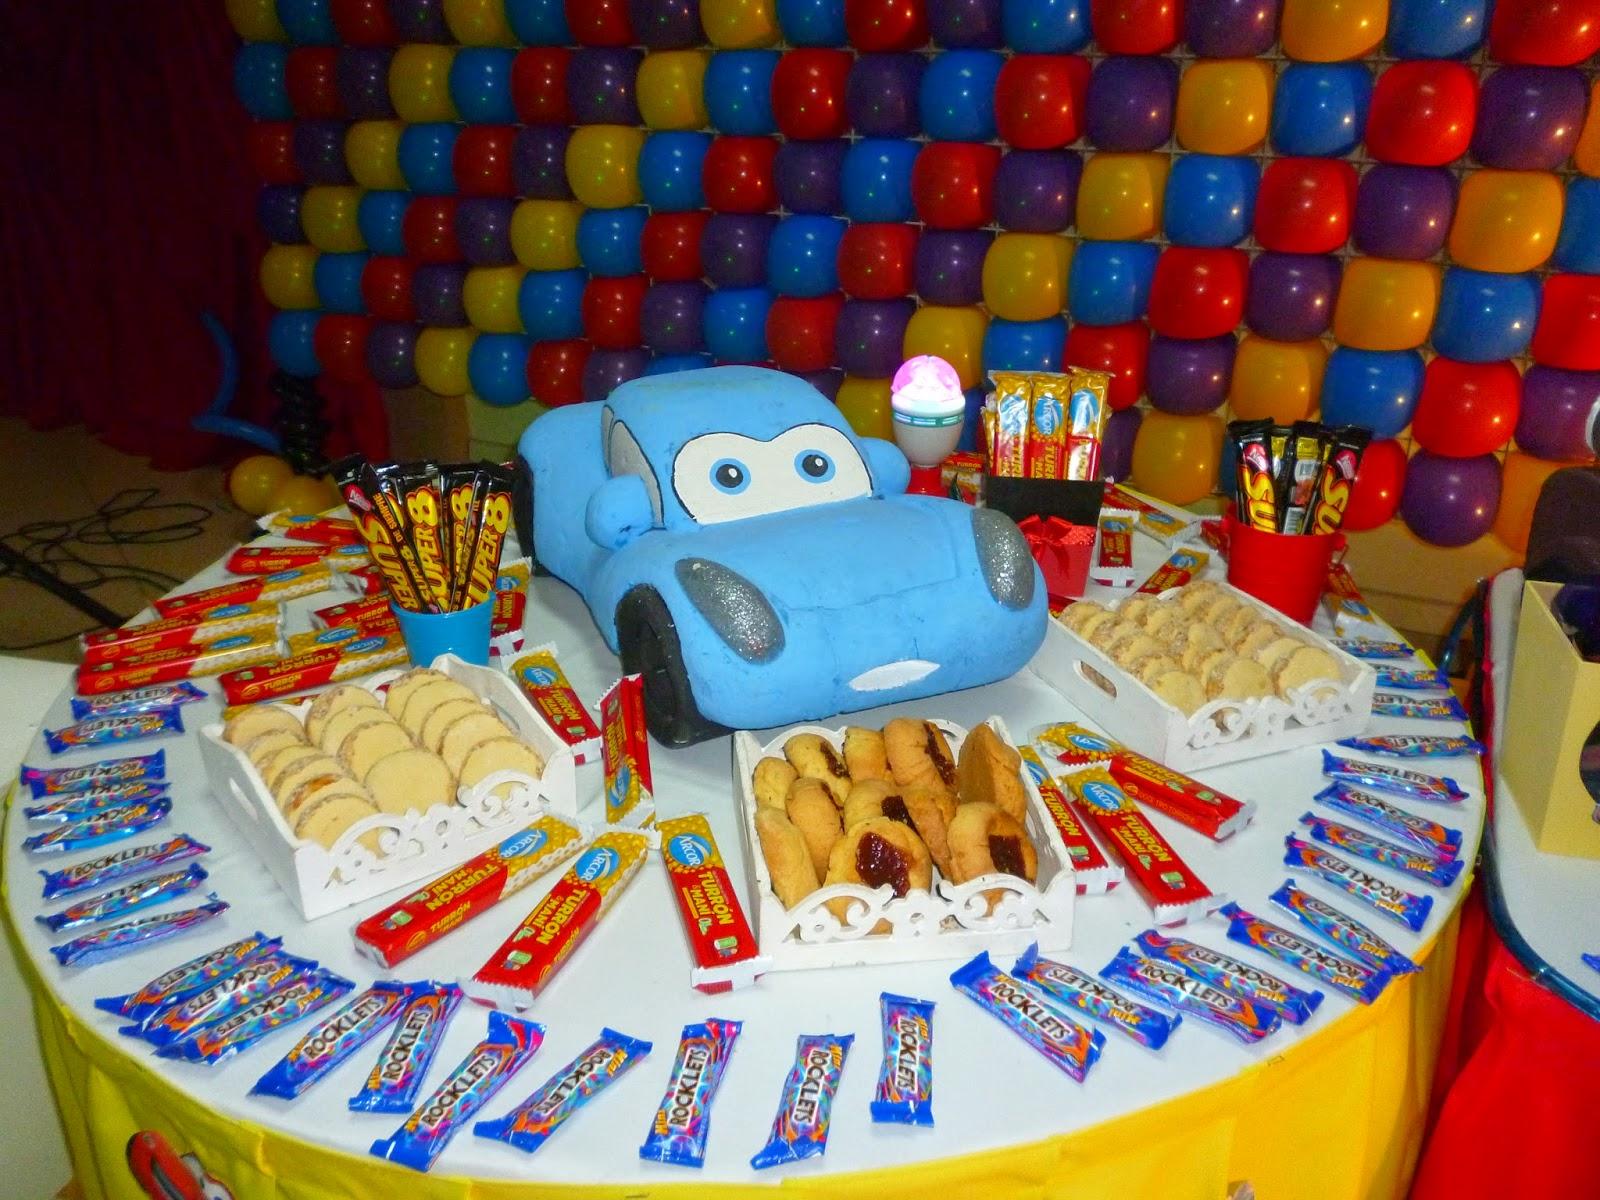 Fiestas personalizadas ideas de decoraci n de fiesta for Ideas decoracion fiesta